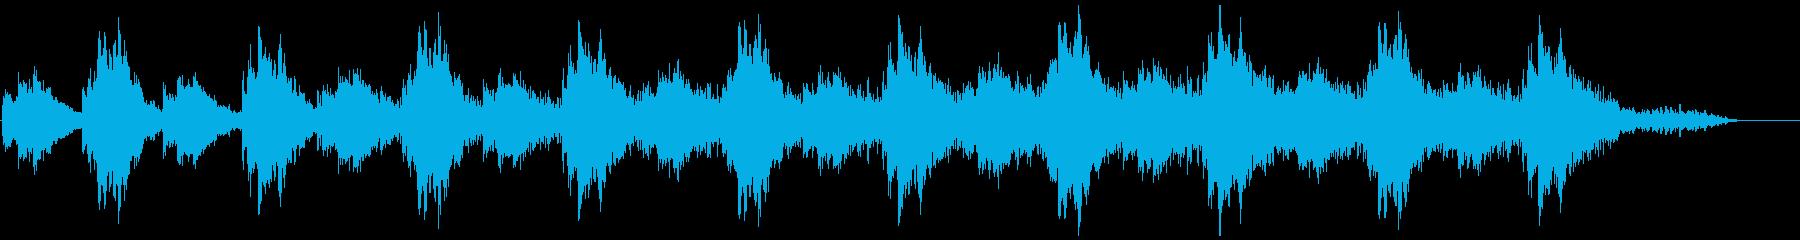 マジック・企業VPなどに☆シンセサウンドの再生済みの波形